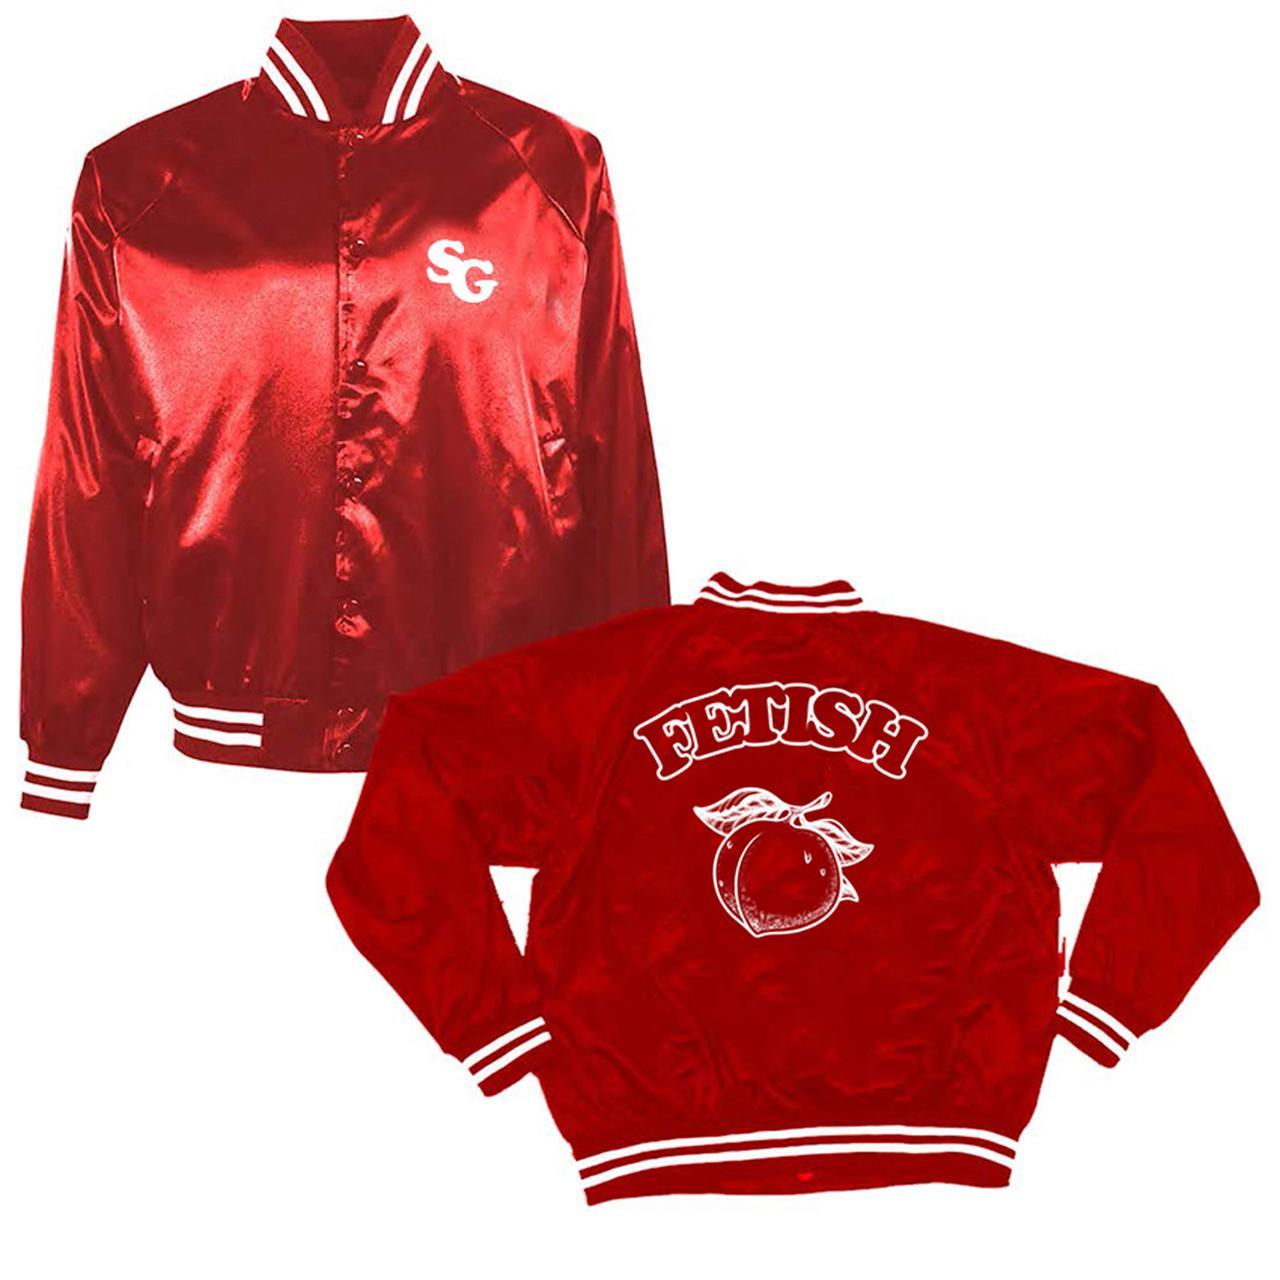 Harga Dan Spek Jaket Melda Merah Update 2018 Pakaian Anak Laki Cubitus 293005 Xavier Olshop Merah5 Daftar Termurah Selena Gomez